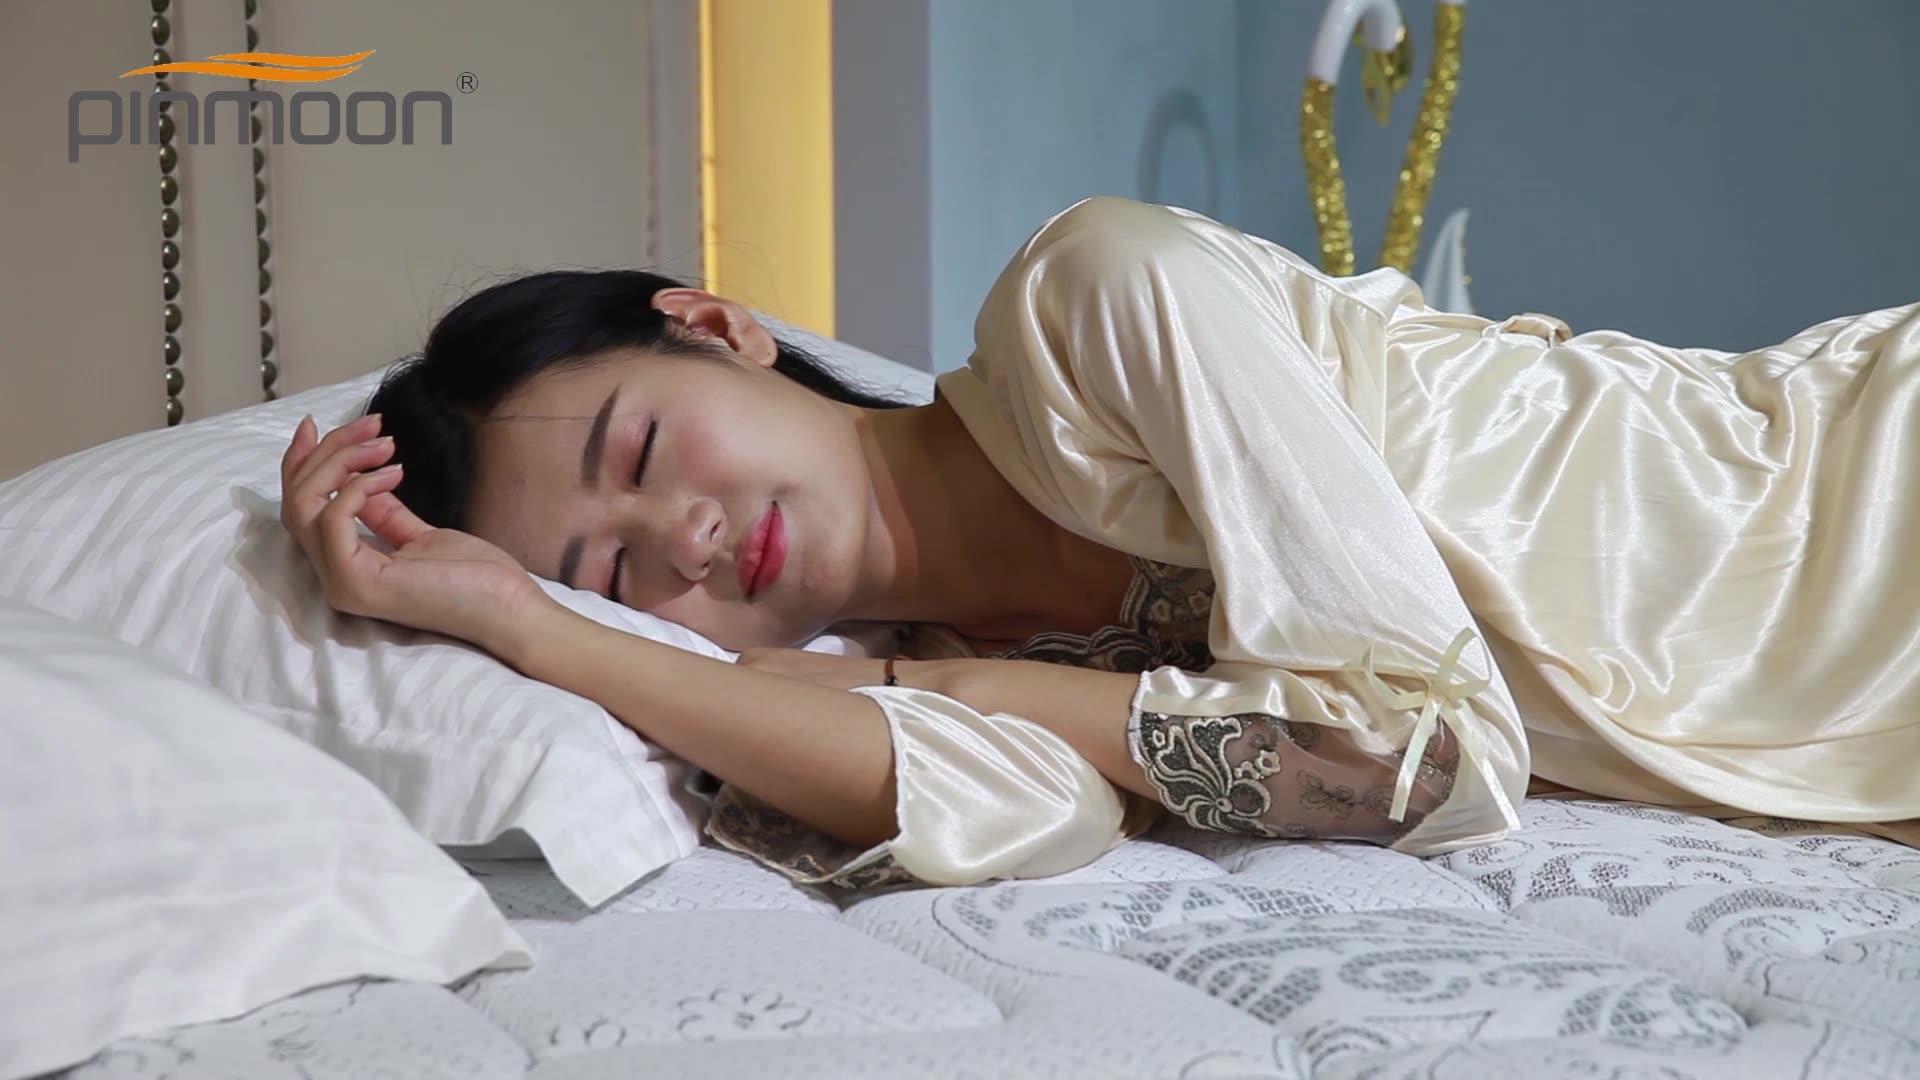 Матрас и кровать королевского размера, высокое качество, 2019